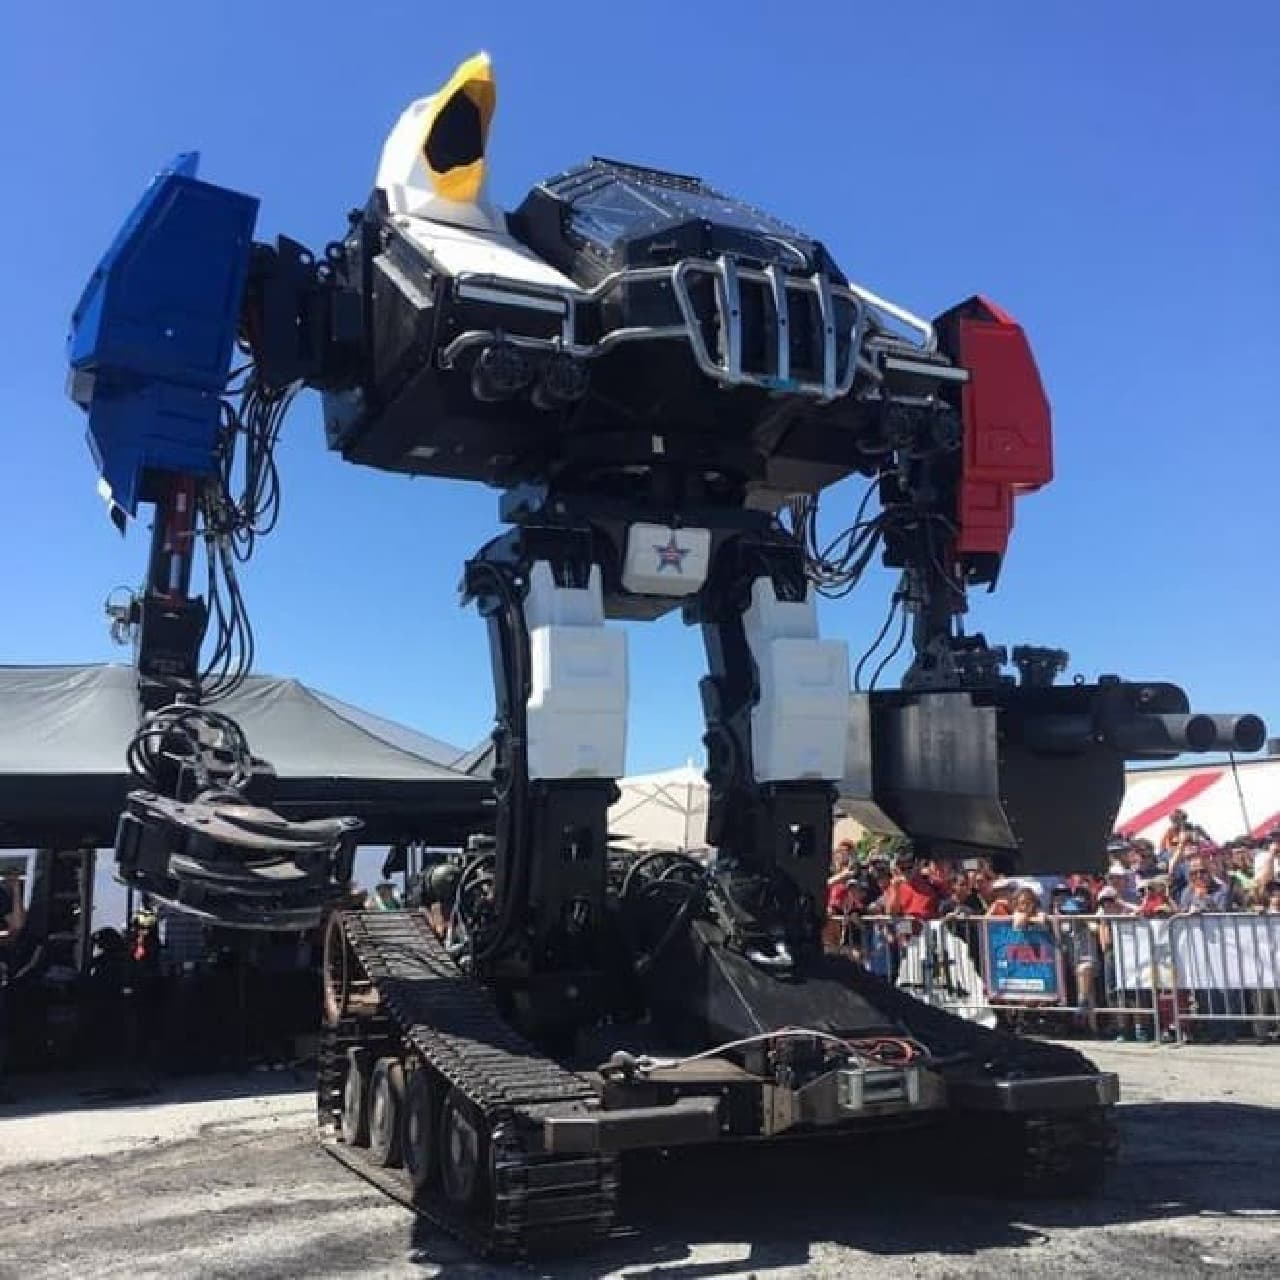 クラタスと戦ったMegaBots「Eagle Prime」体験試乗会開催